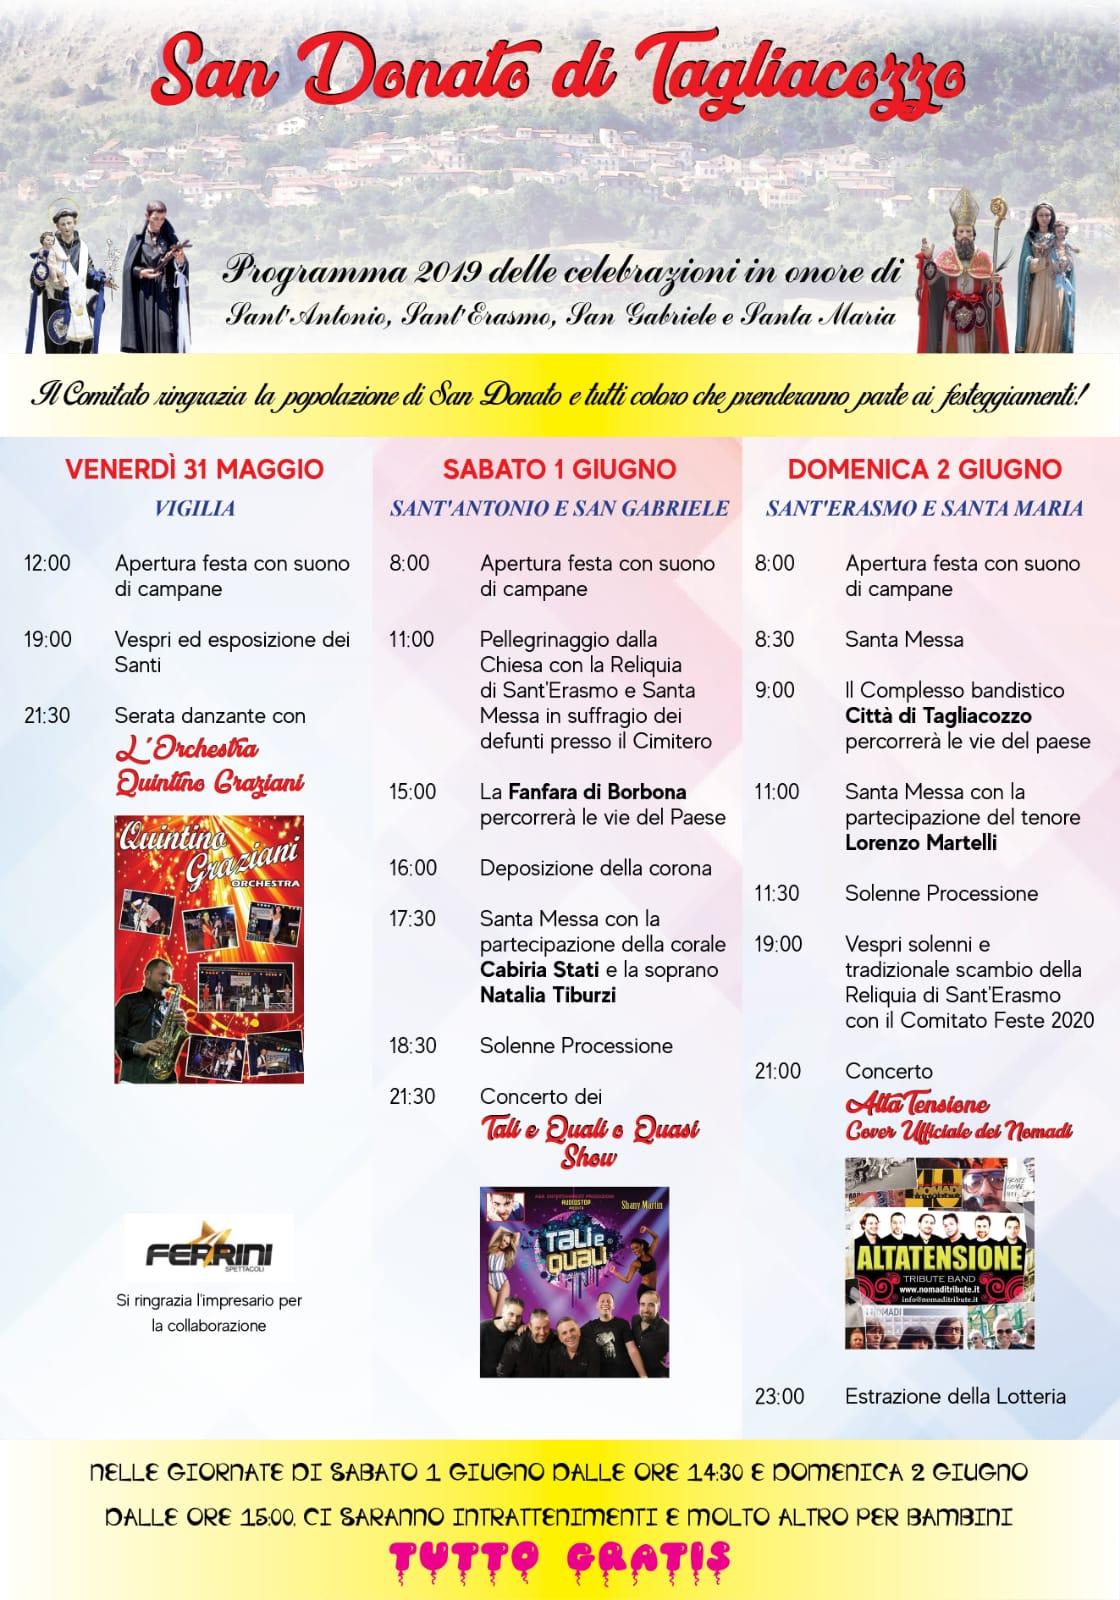 Al via le feste patronali a San Donato, ecco tutti gli appuntamenti